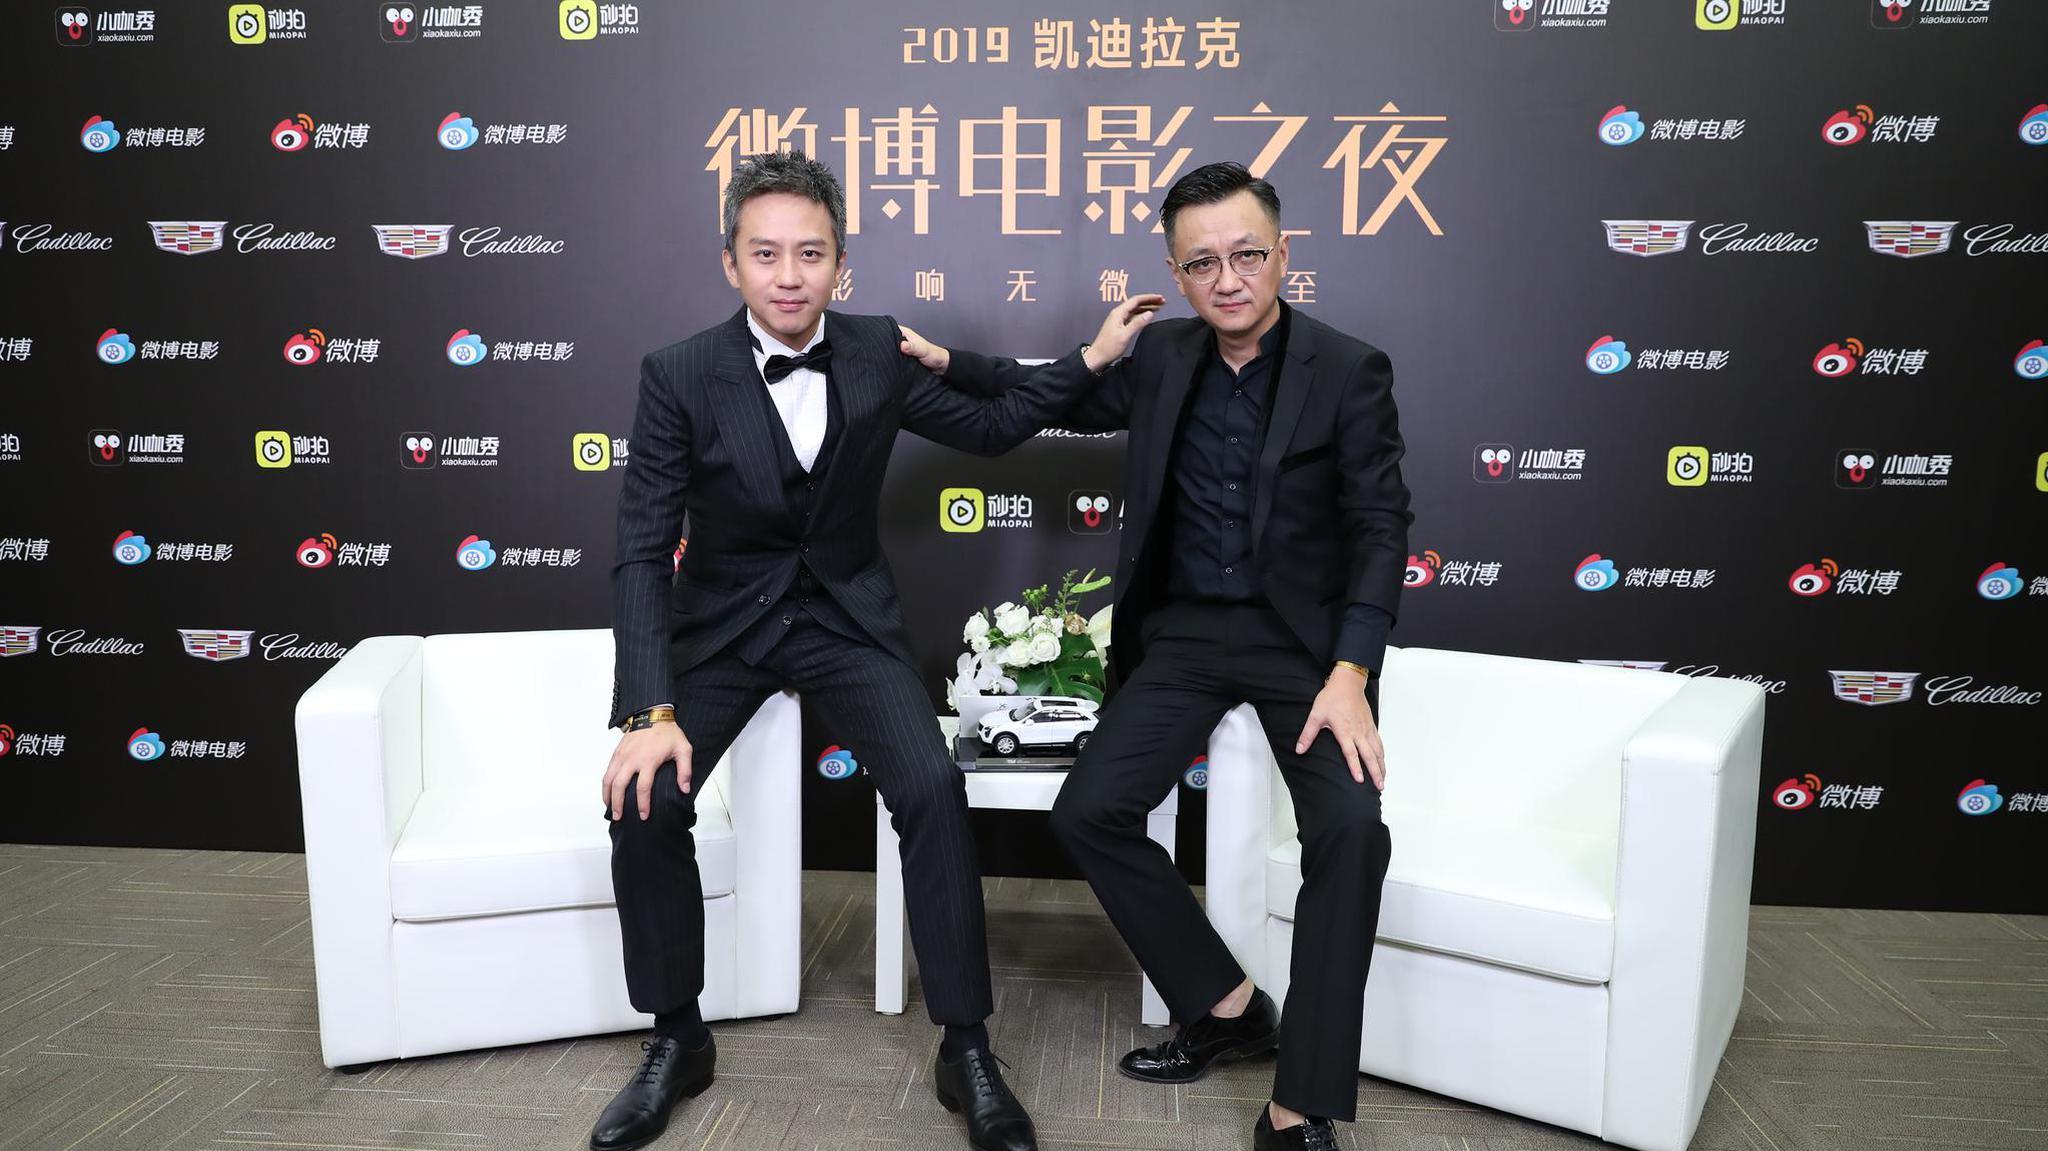 2019微博电影之夜独家对话邓超俞白眉